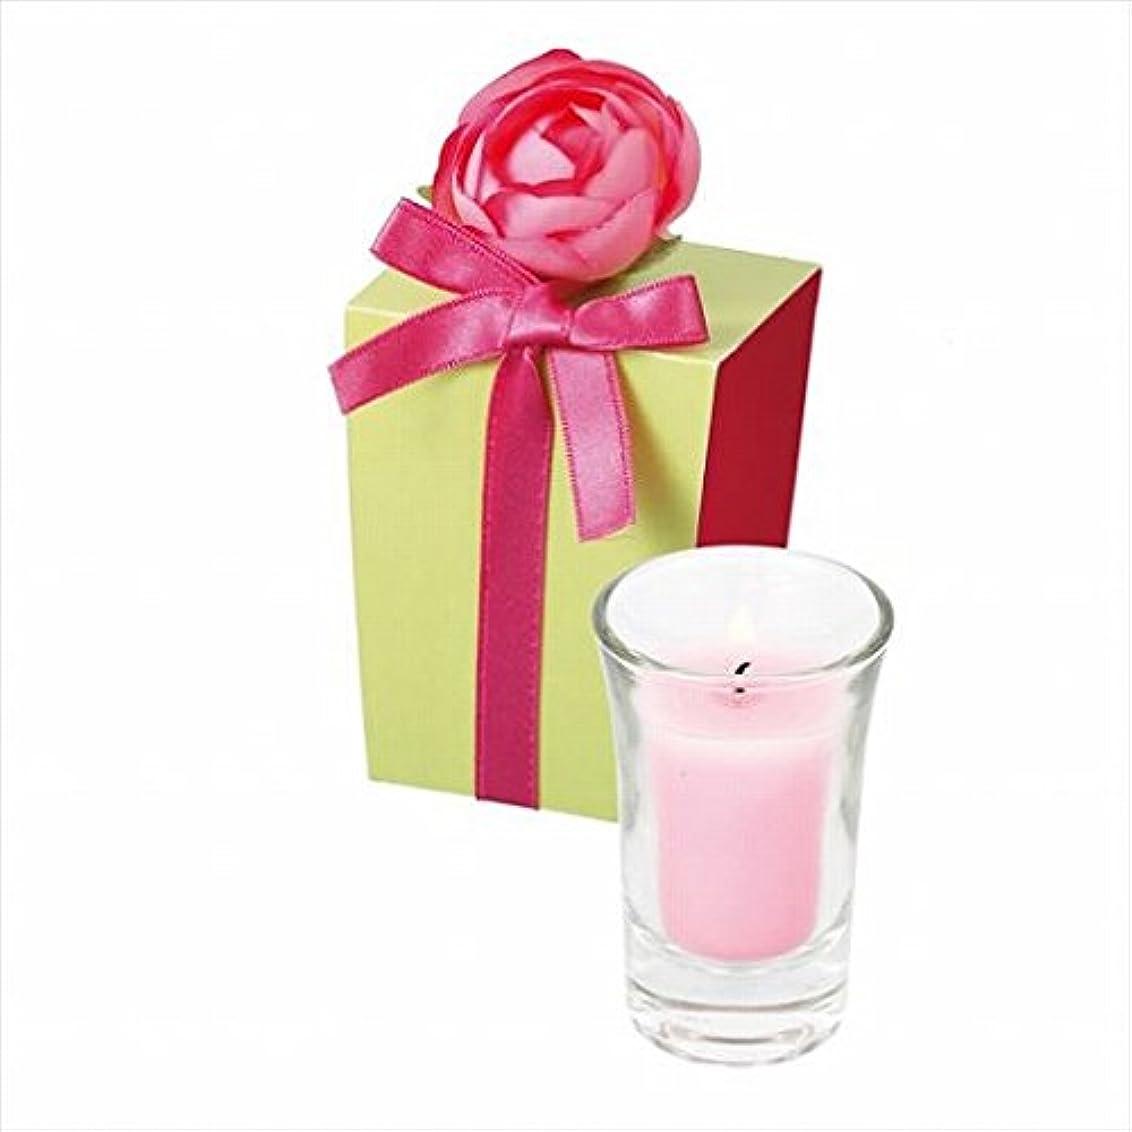 復活パリティオーナメントカメヤマキャンドル(kameyama candle) ラナンキュラスグラスキャンドル 「 ピンク 」